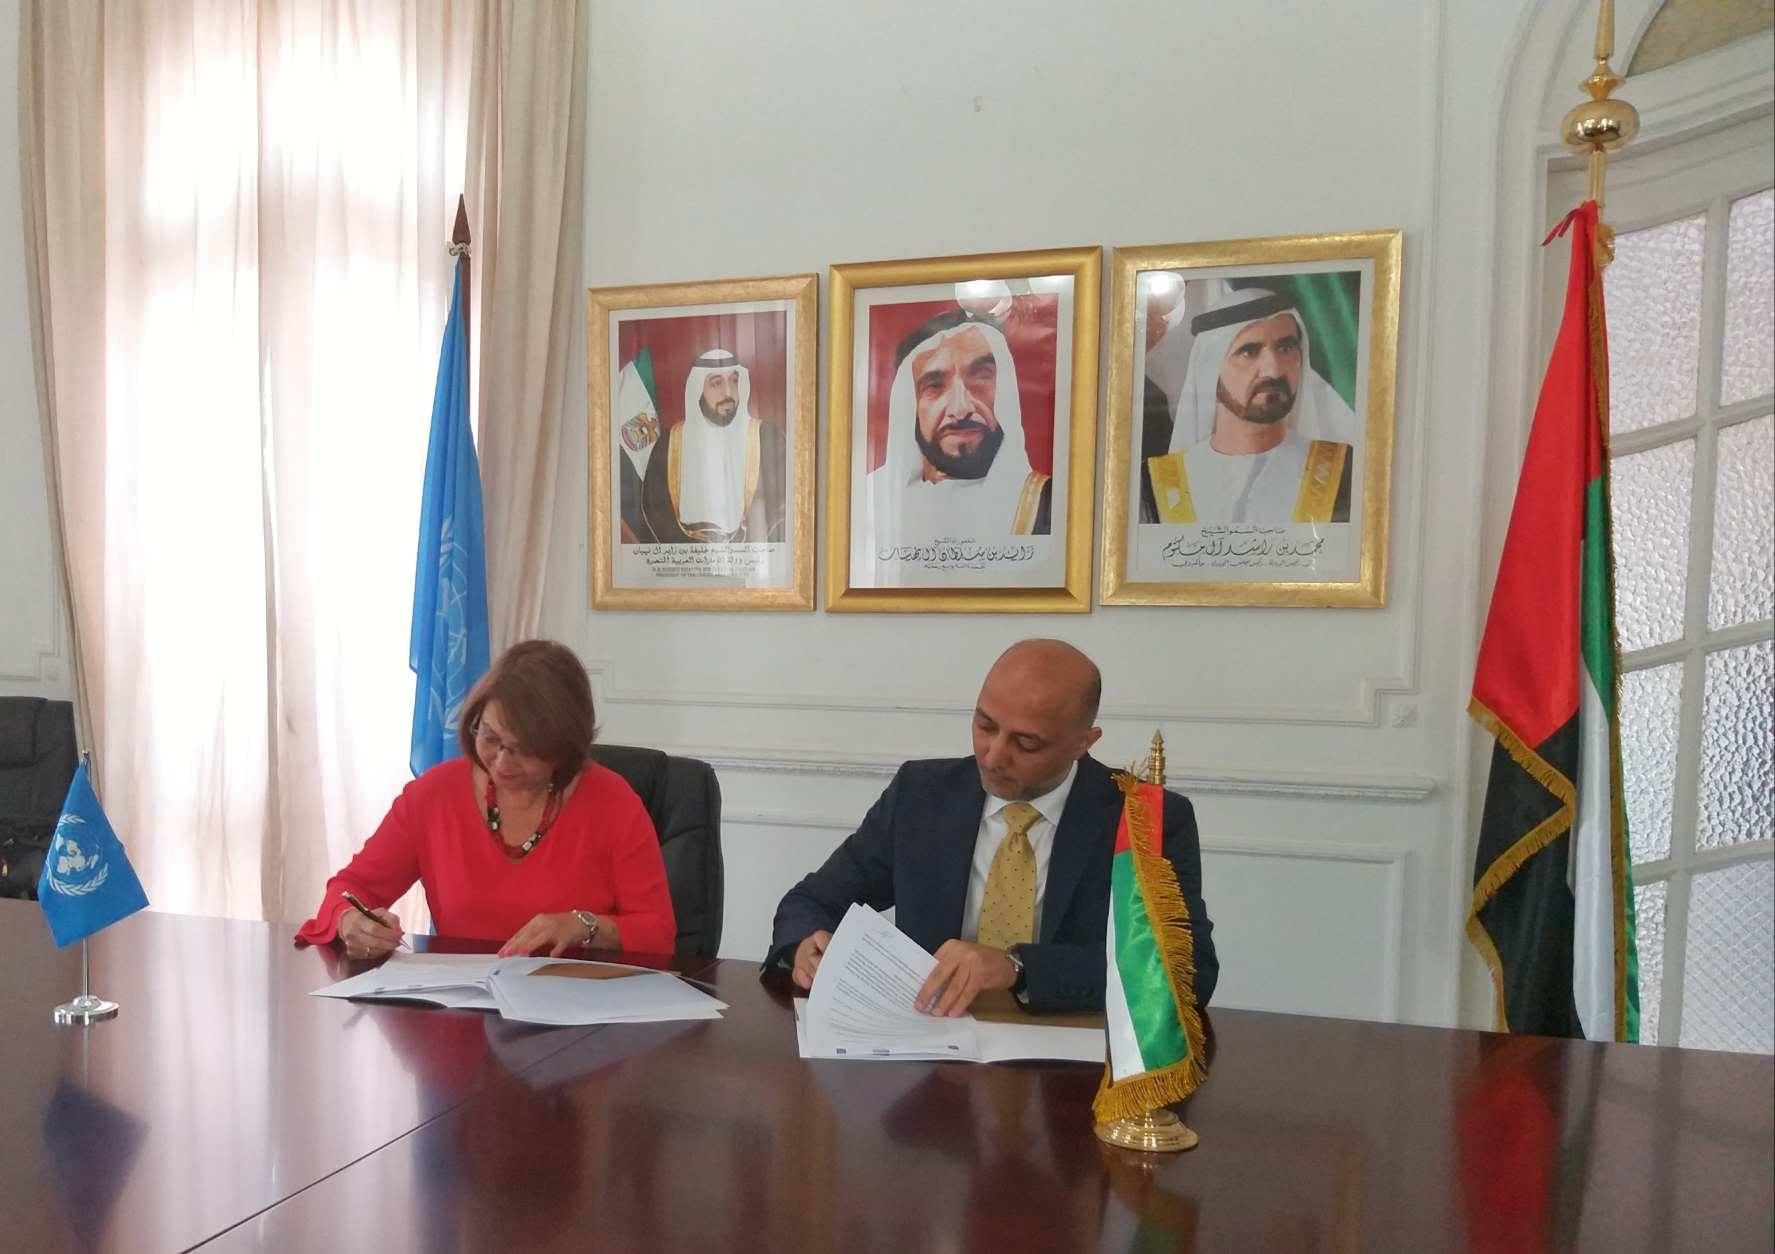 PNUD y Emiratos Árabes Unidos apoyarán en Cuba recuperación de viviendas y cosecha de agua